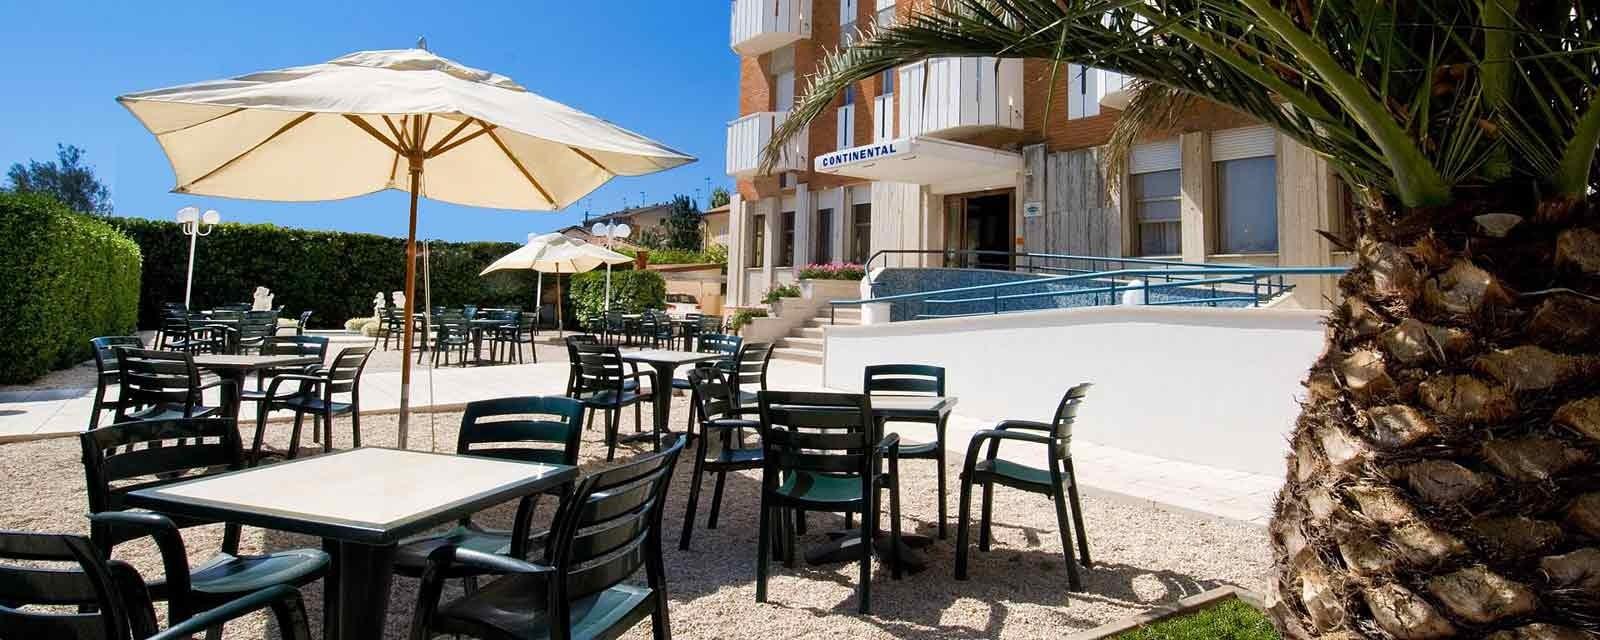 Hotel Fano - HOTEL FANO - Hotel Continental Fano - Alberghi Fano ...